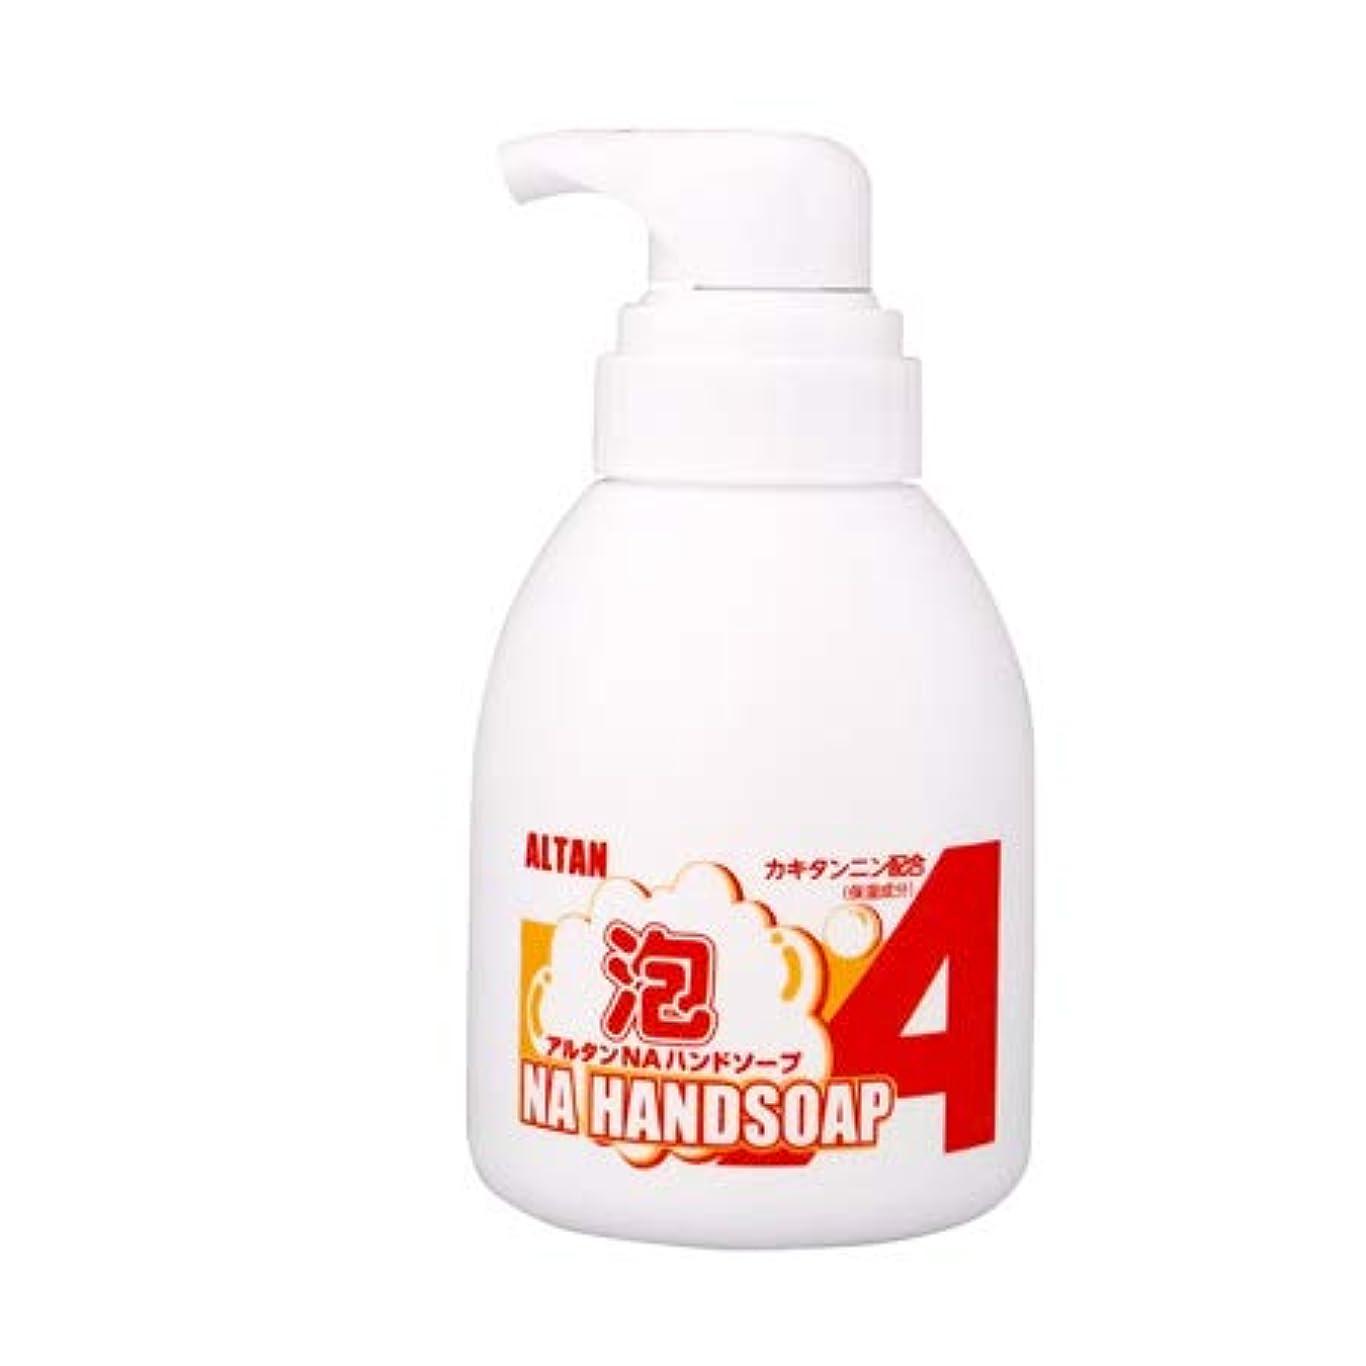 令状イソギンチャク枕アルタンNAハンドソープ 泡タイプ 500ml ボトル 1ケース (20本入)